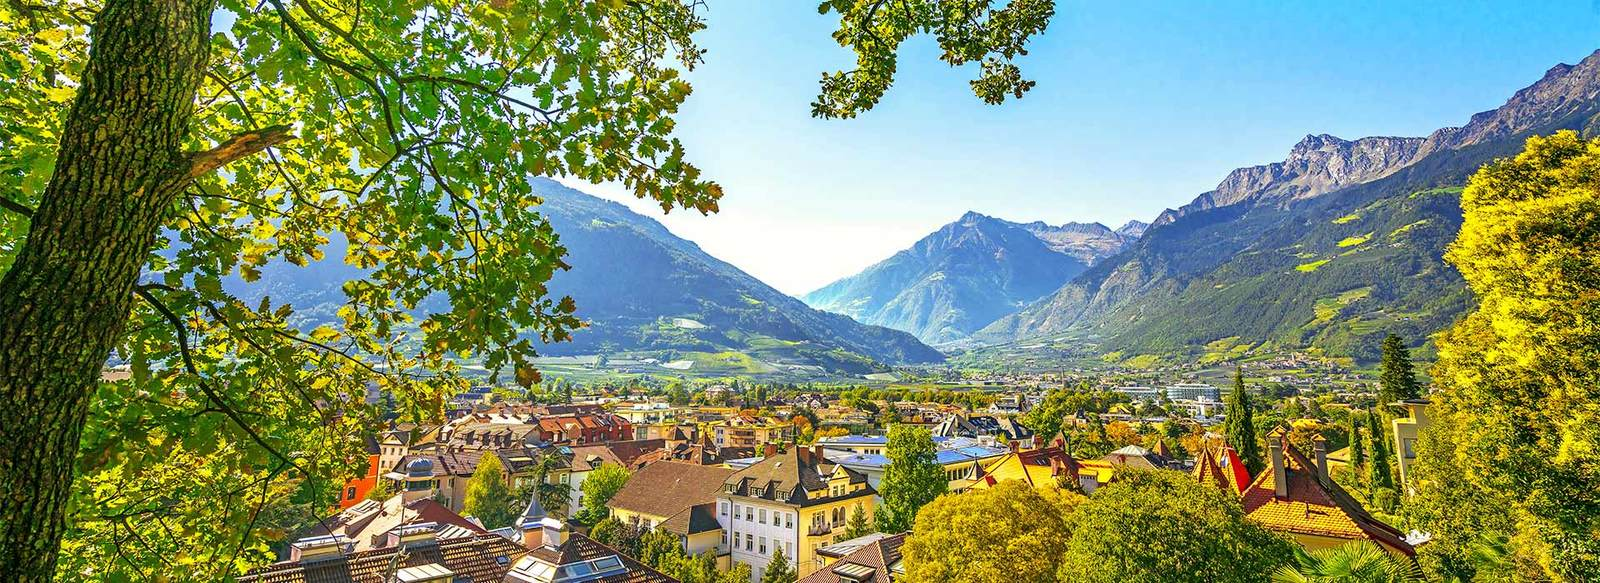 Pedalando dal Tirolo al Lago di Garda